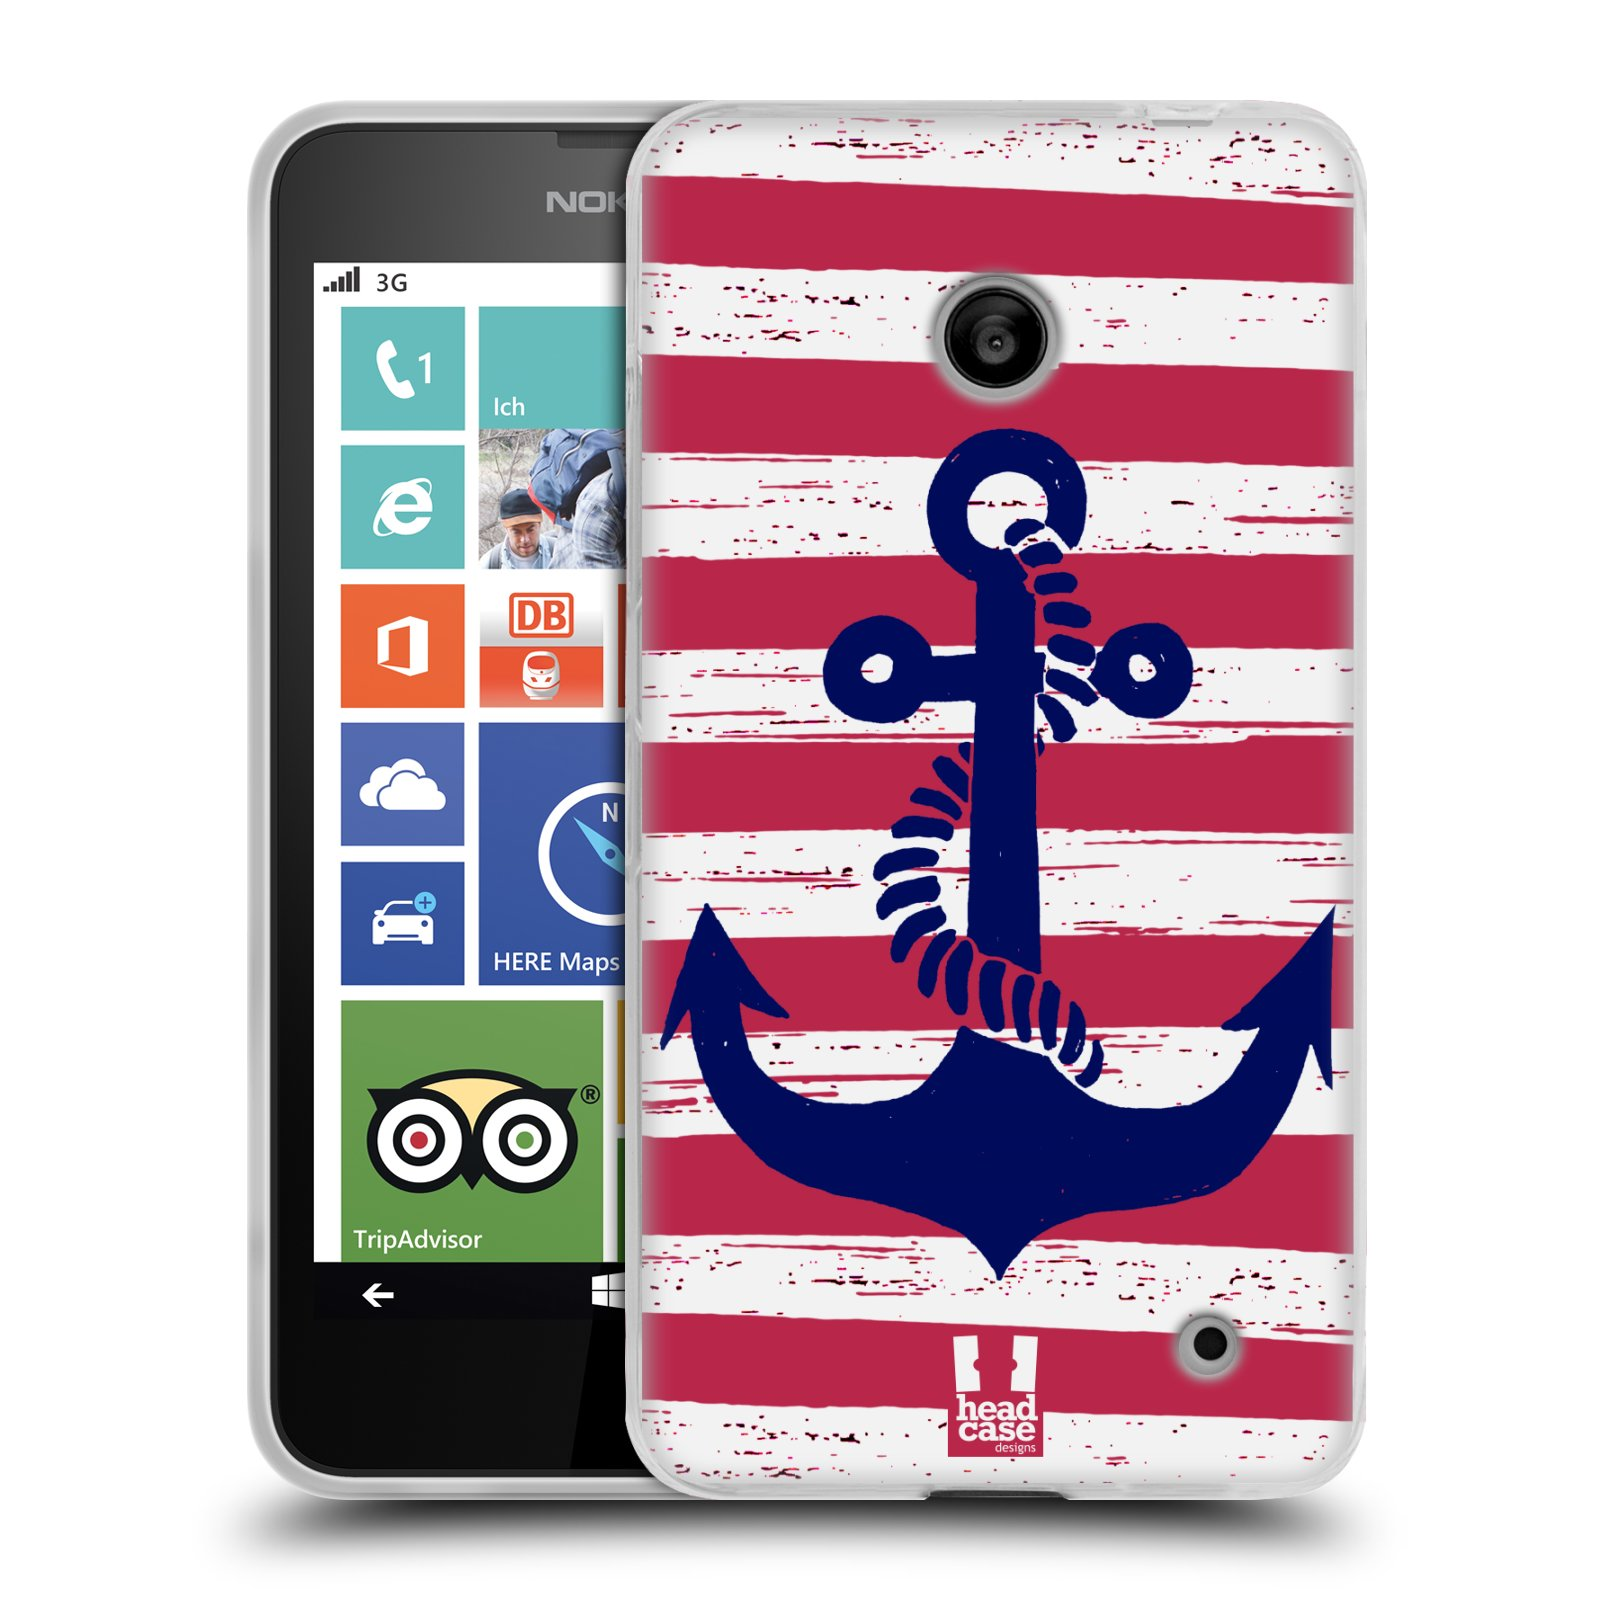 Silikonové pouzdro na mobil Nokia Lumia 630 HEAD CASE KOTVA S PRUHY (Silikonový kryt či obal na mobilní telefon Nokia Lumia 630 a Nokia Lumia 630 Dual SIM)